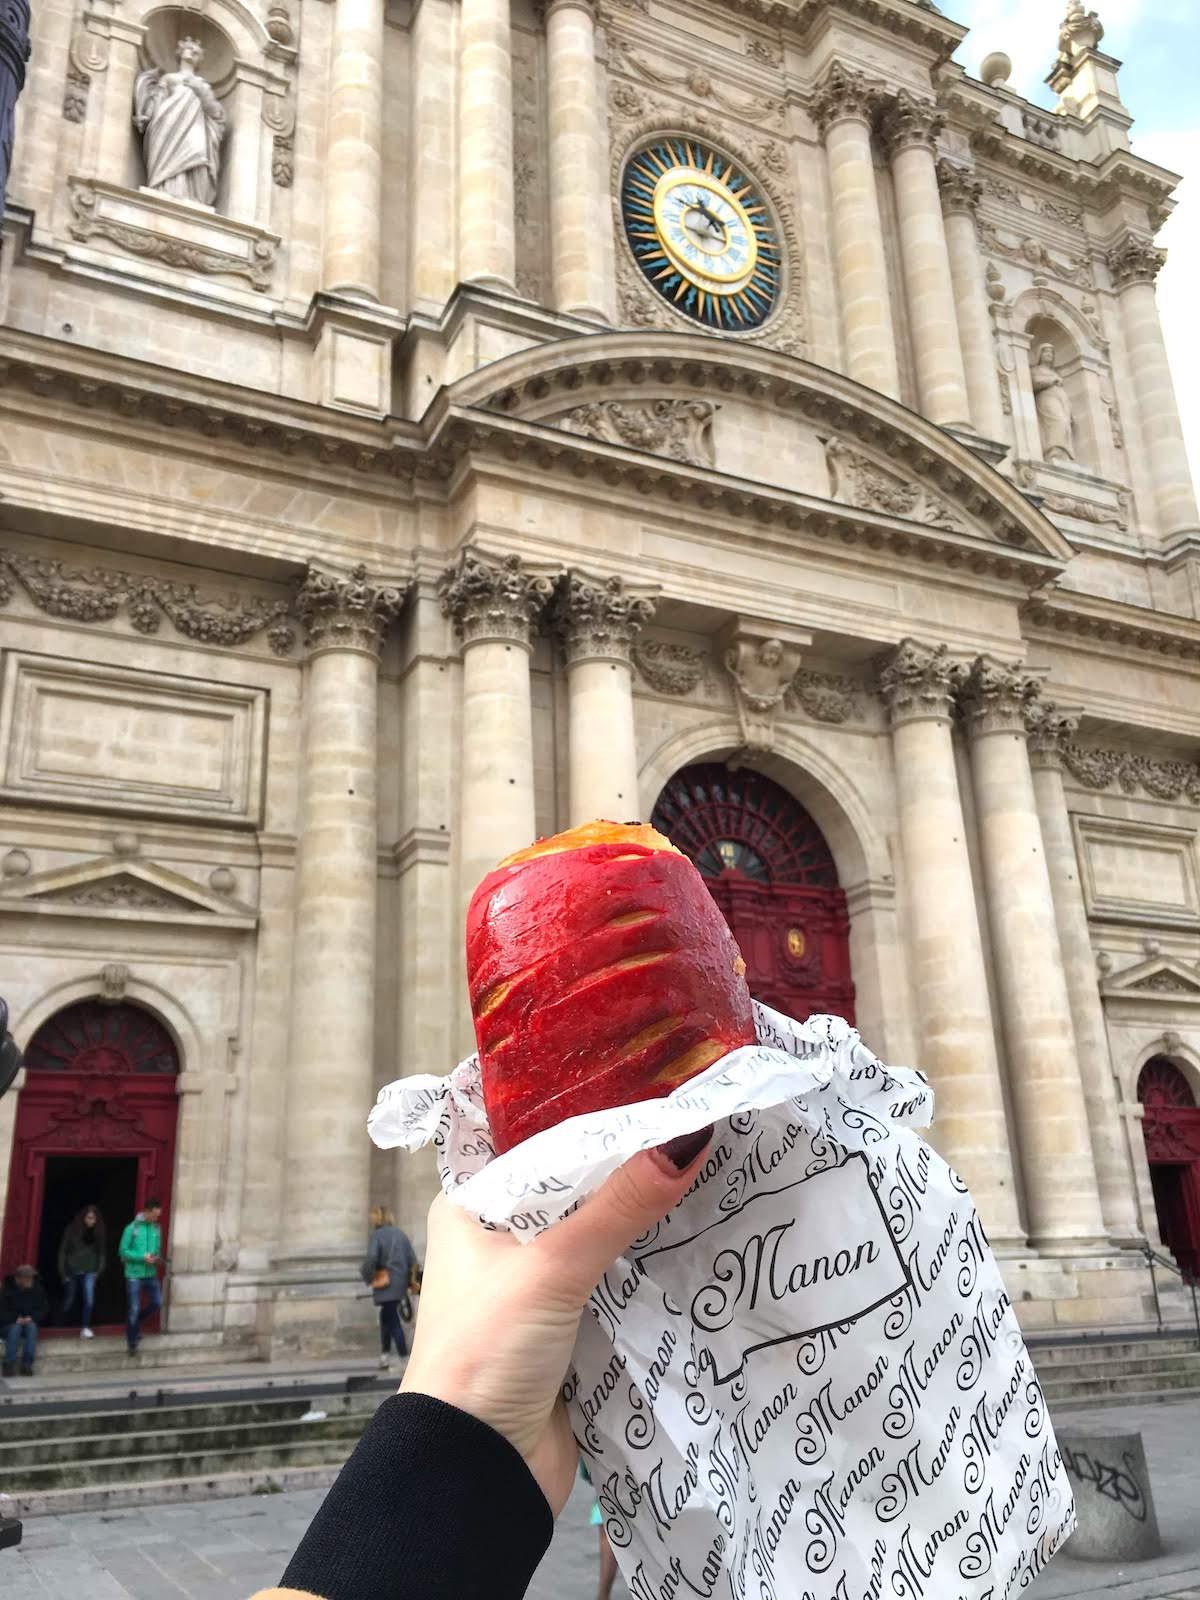 Raspberry croissant from Miss Manon Le Marais Boulangerie